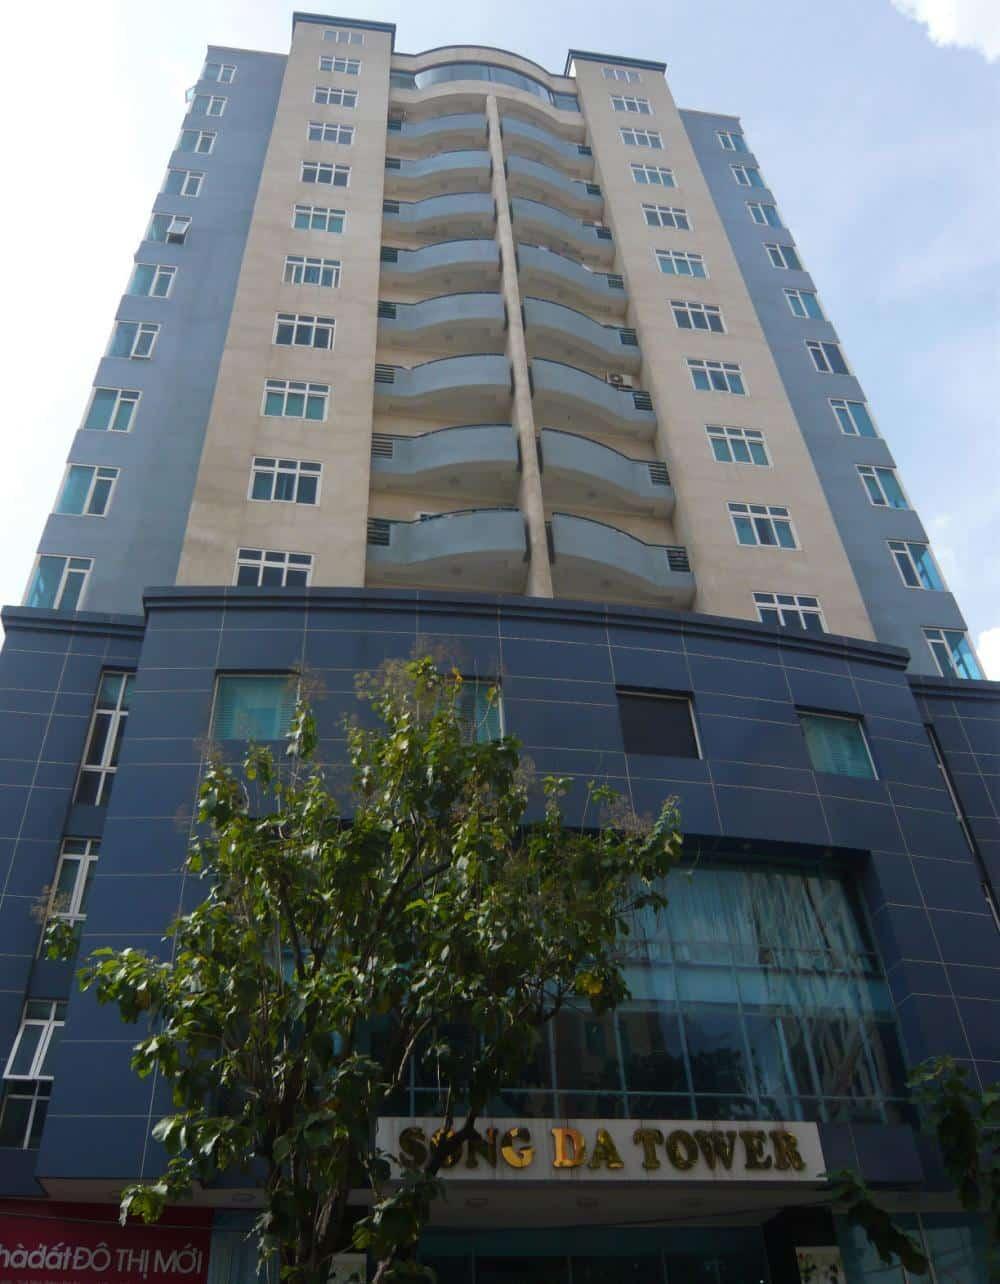 Cao ốc Sông Đà Tower